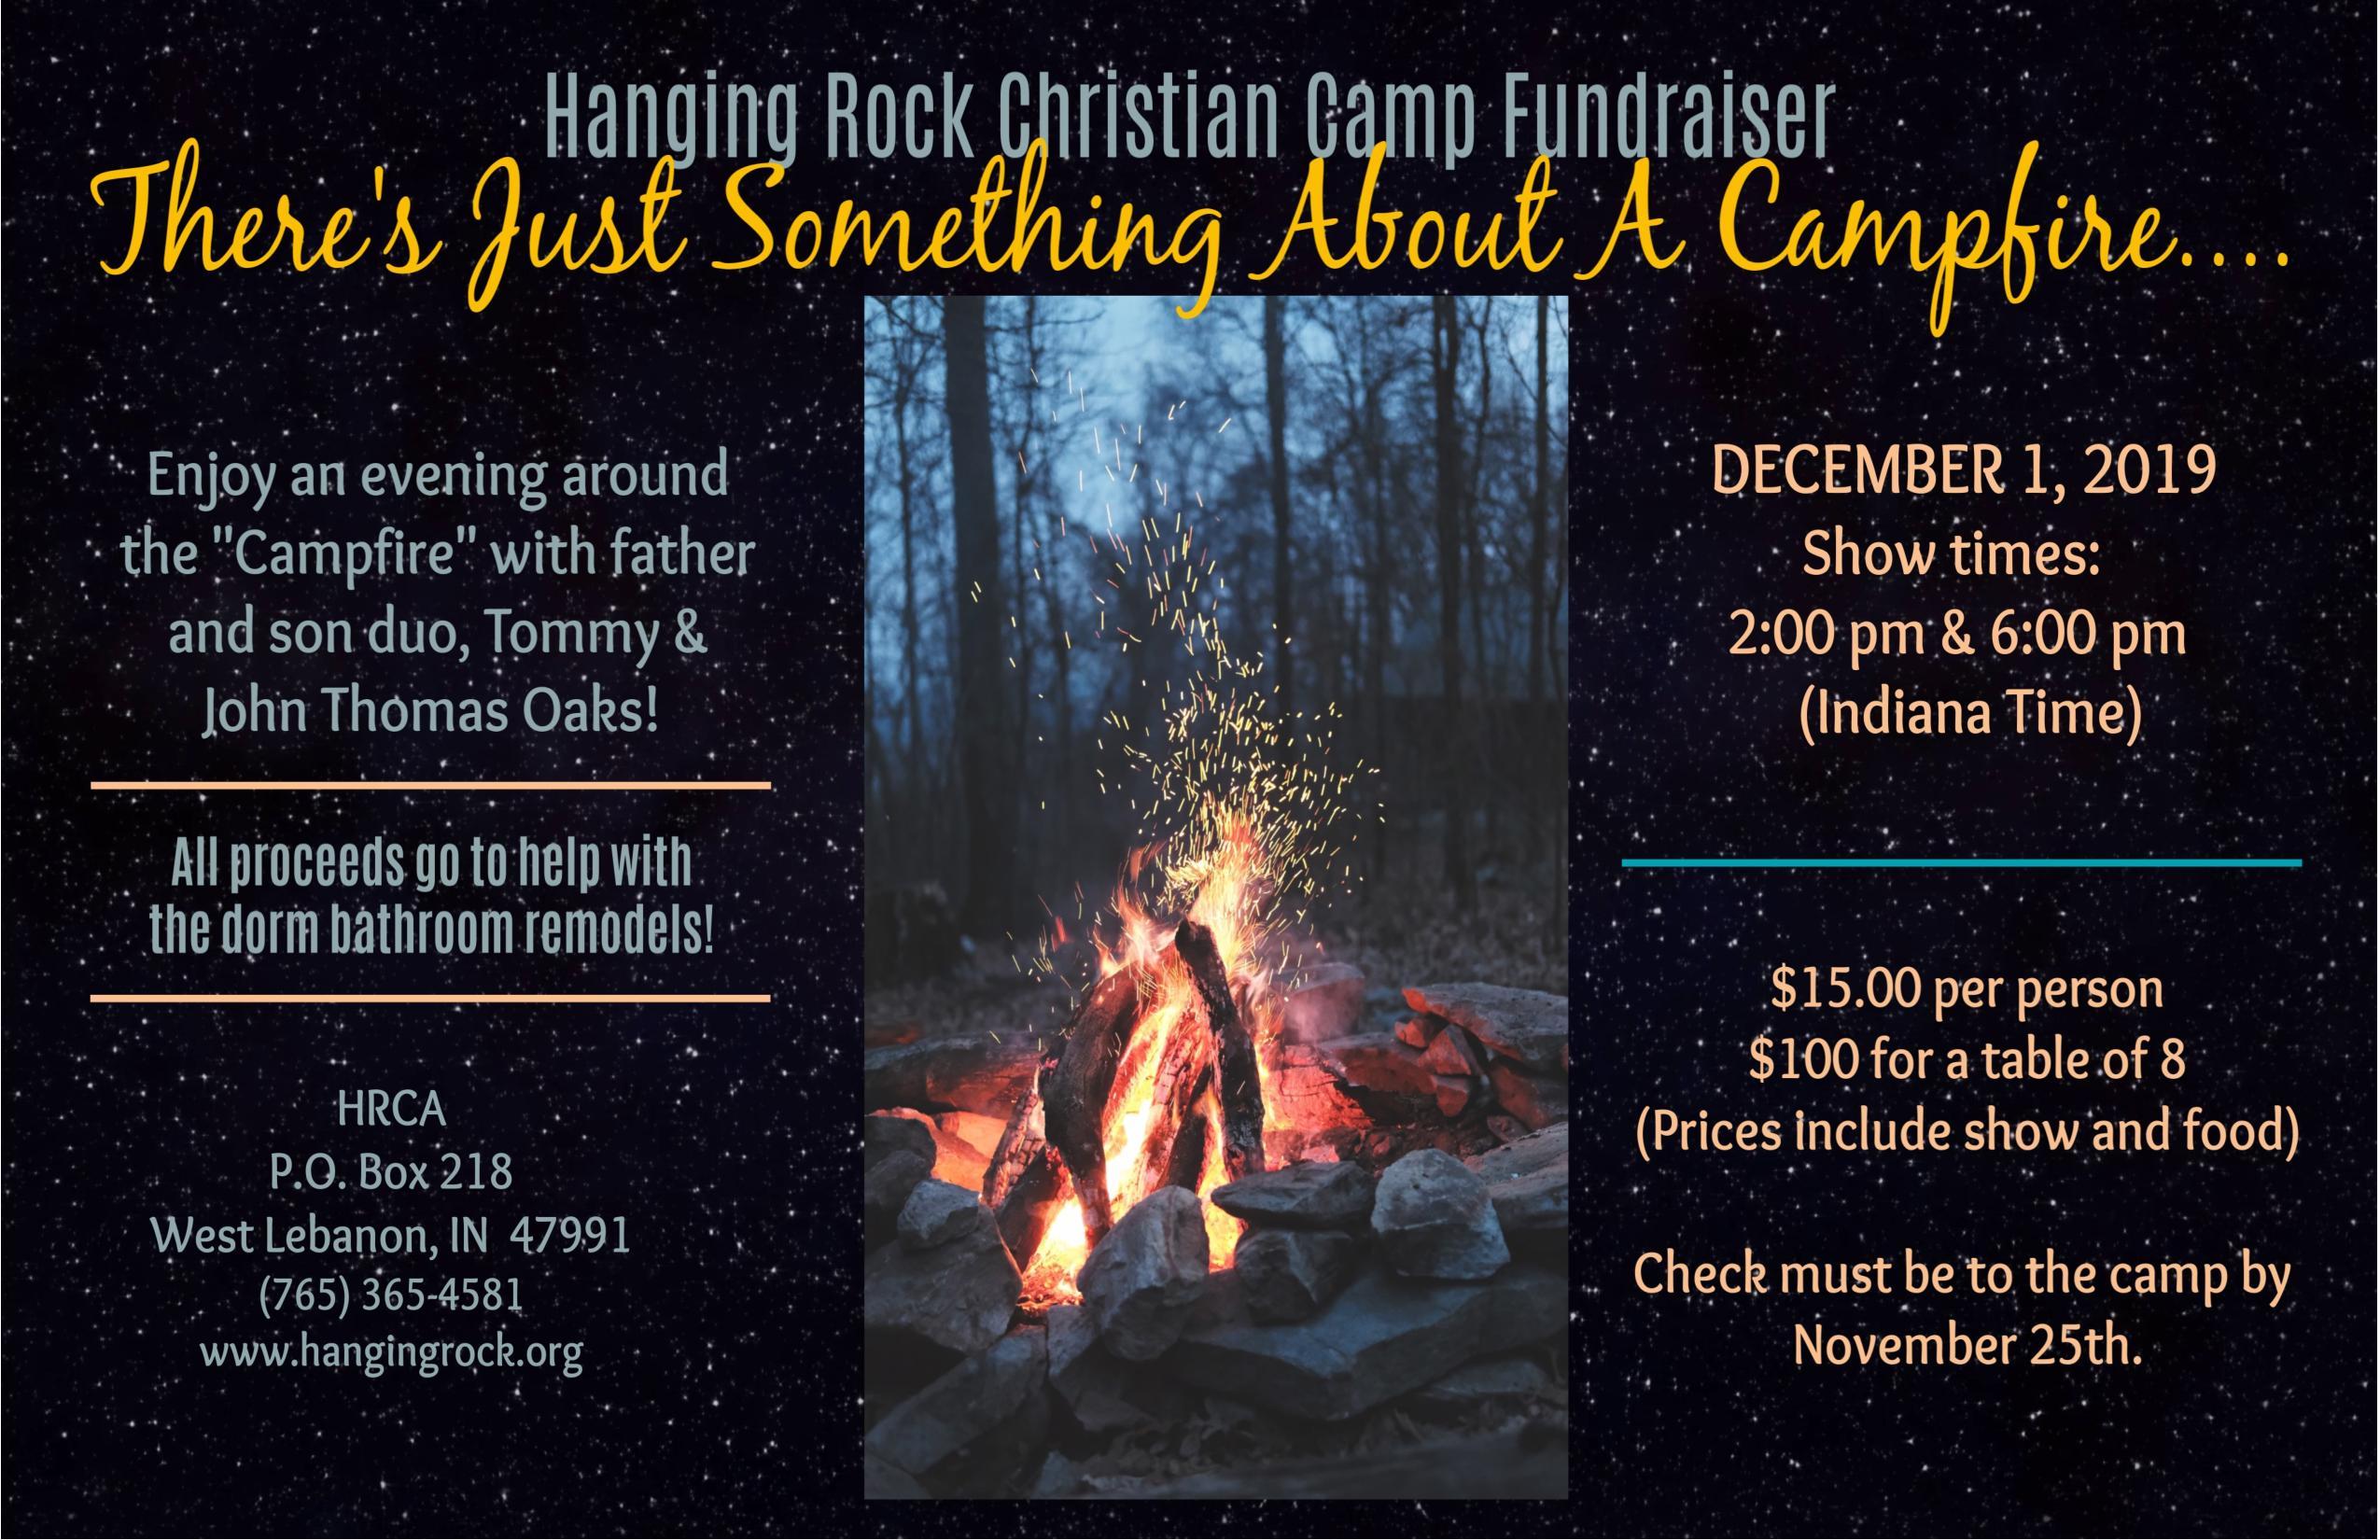 Fundraiser Banquet - December 1, 2019